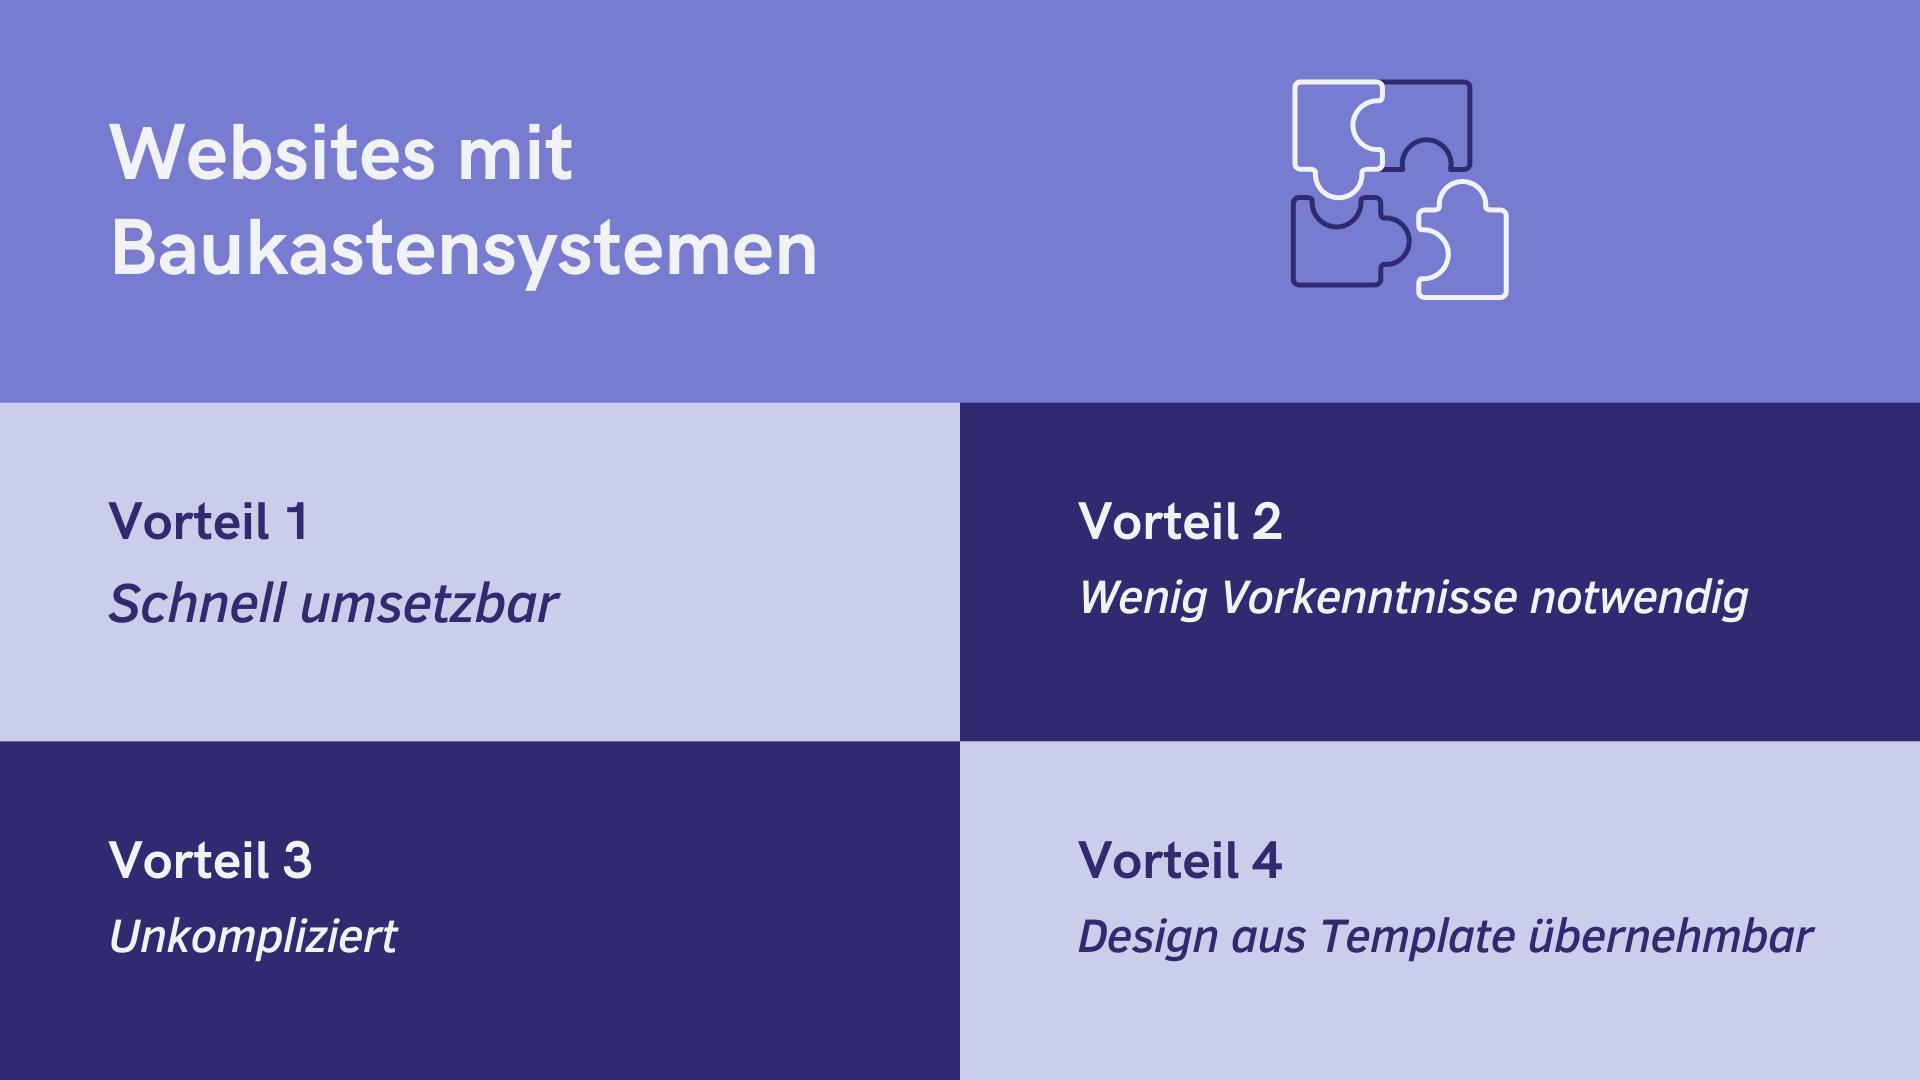 Bild mit den Vorteilen einer Website auf Basis eines Baukastensystems